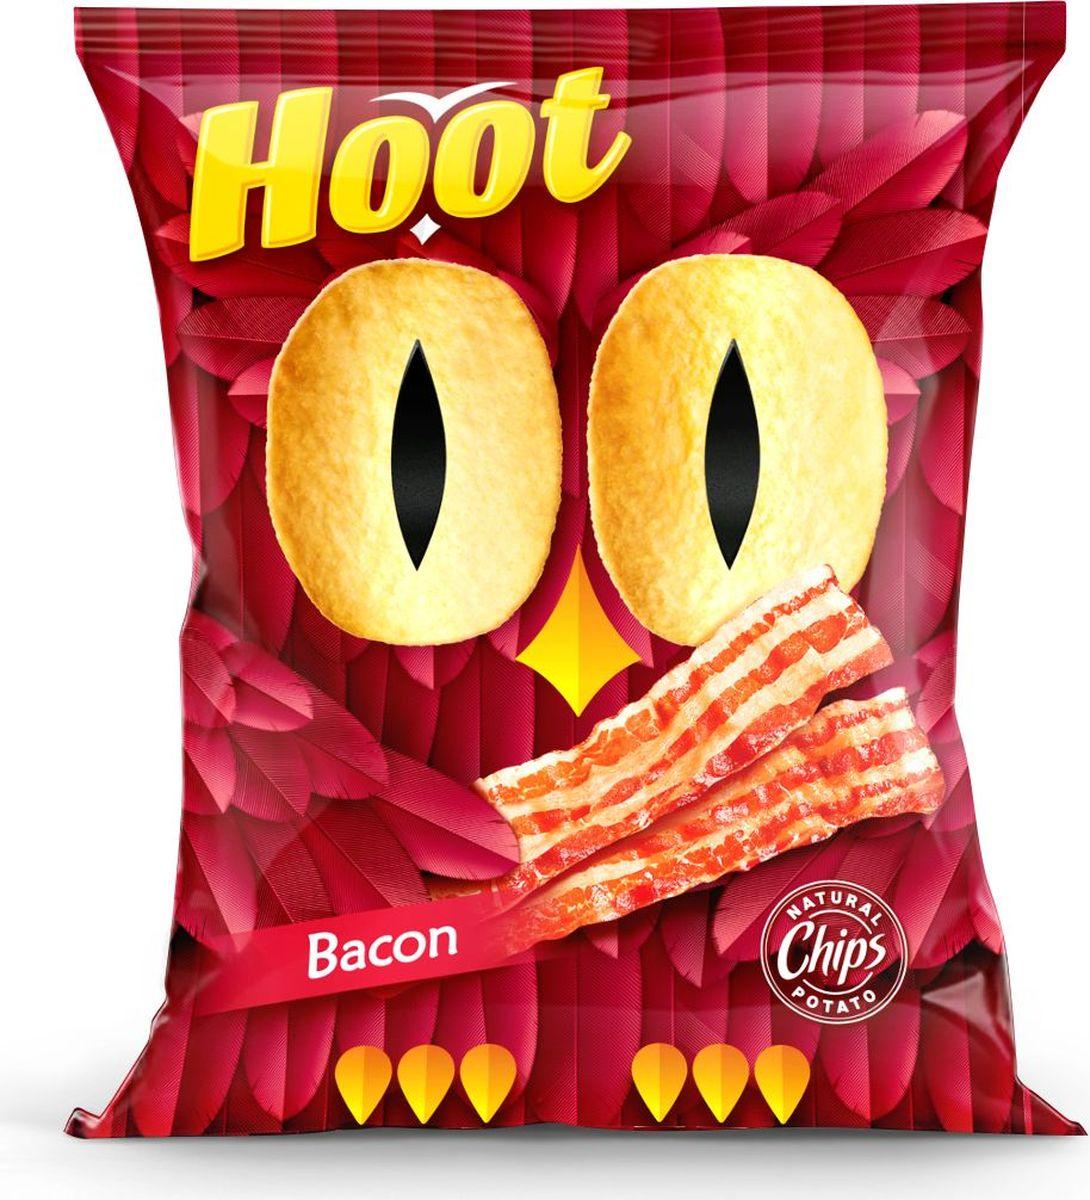 Hoot Чипсы, бекон, 150 г4760156030370Картофельные чипсы со вкусом «Бекона»